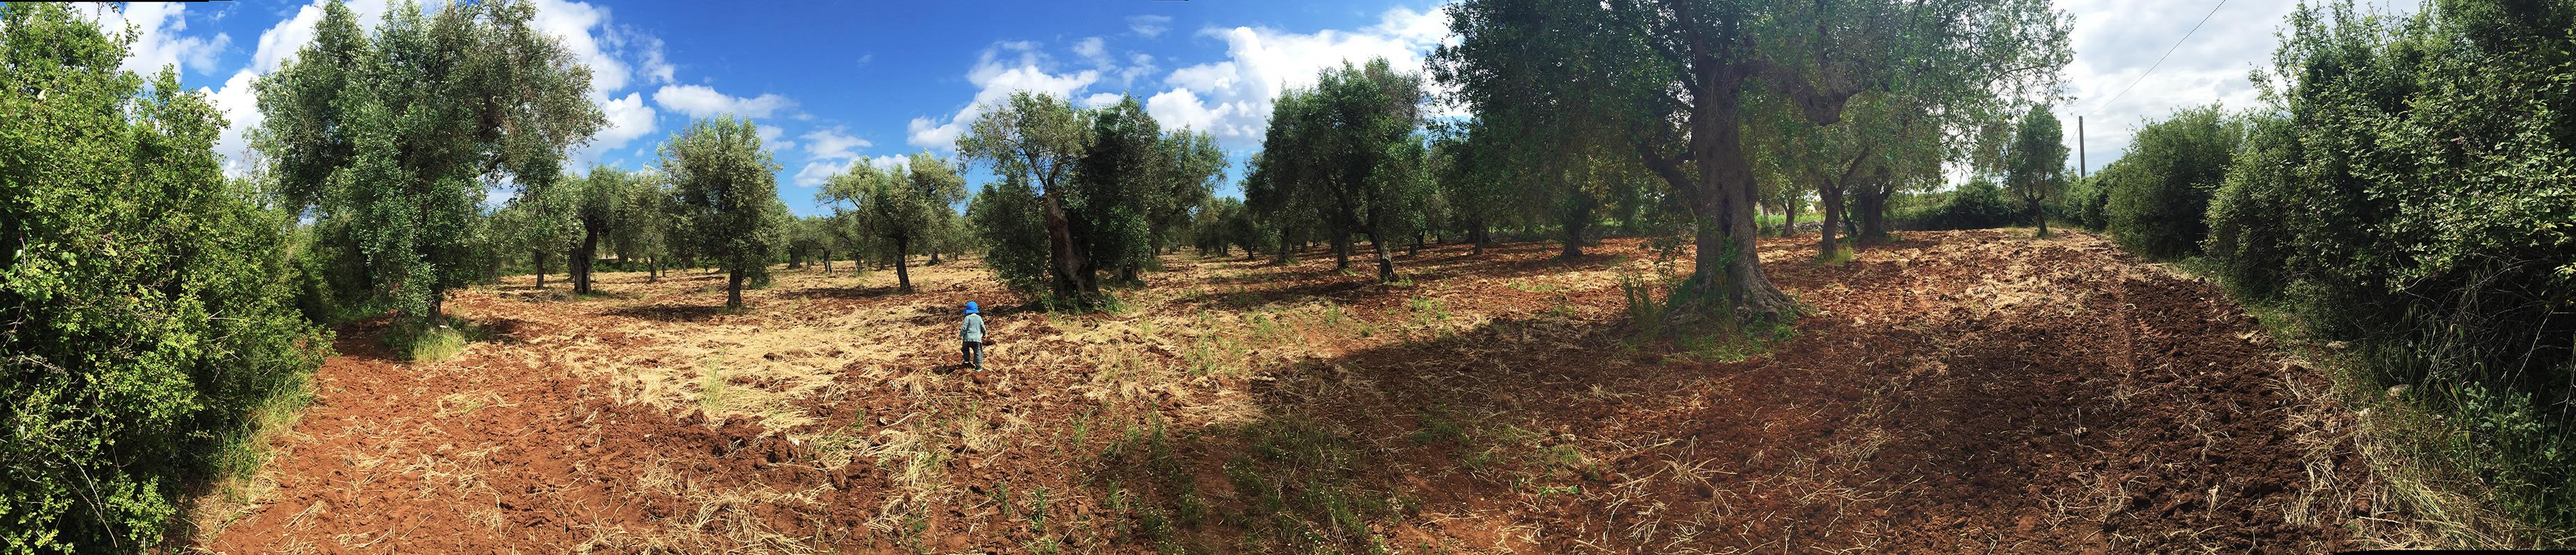 puglia-olivefields